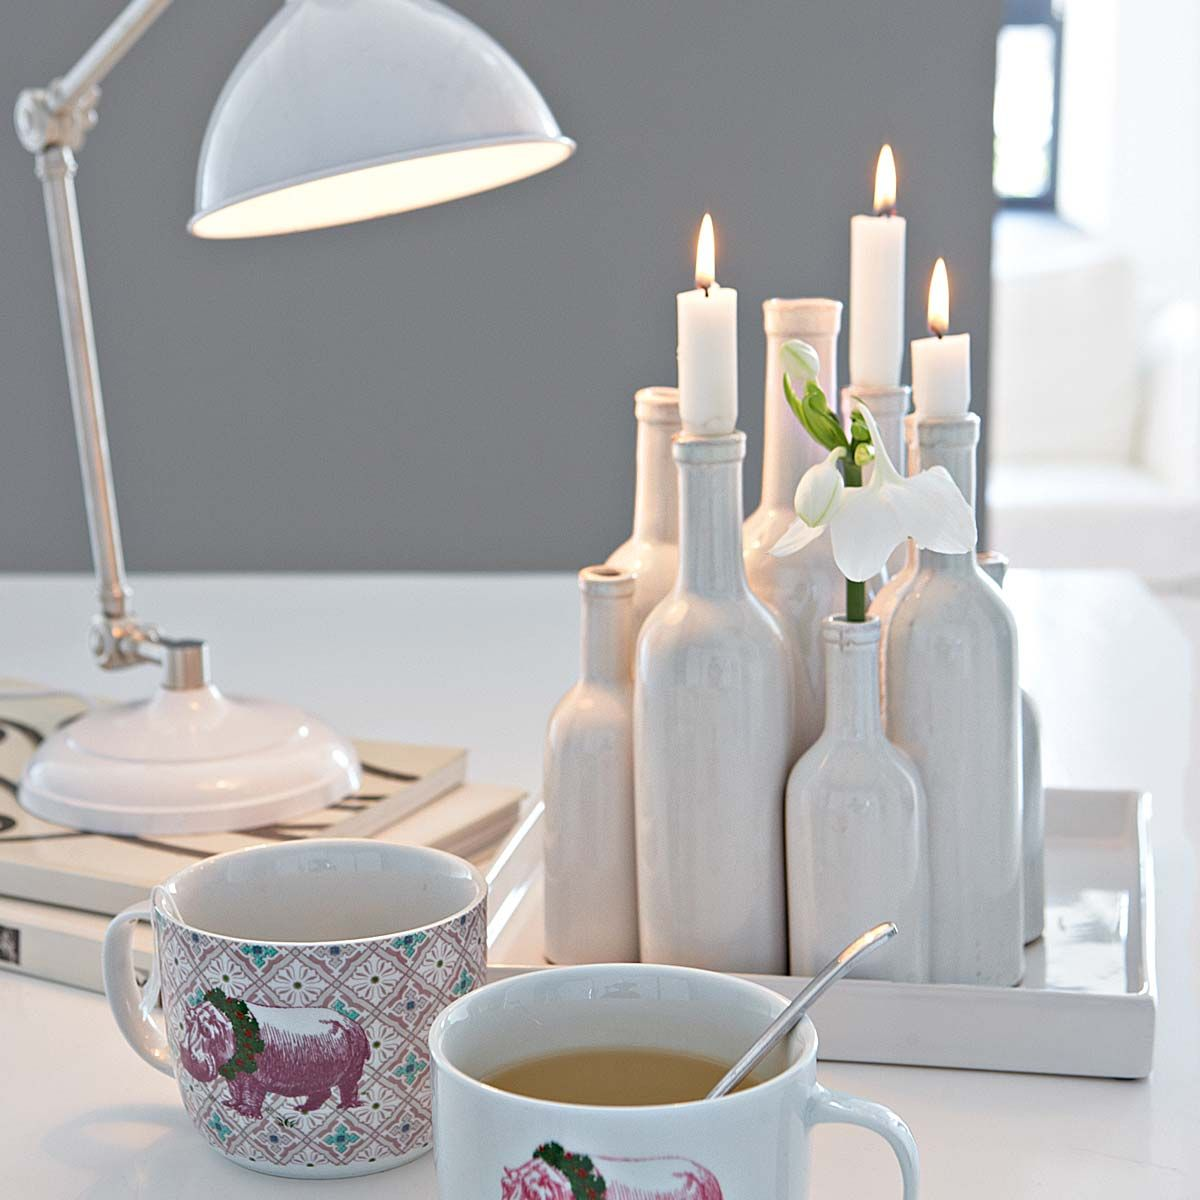 vasenb ndel tablett for the home pinterest flaschen dekorieren kerzen und flaschen. Black Bedroom Furniture Sets. Home Design Ideas